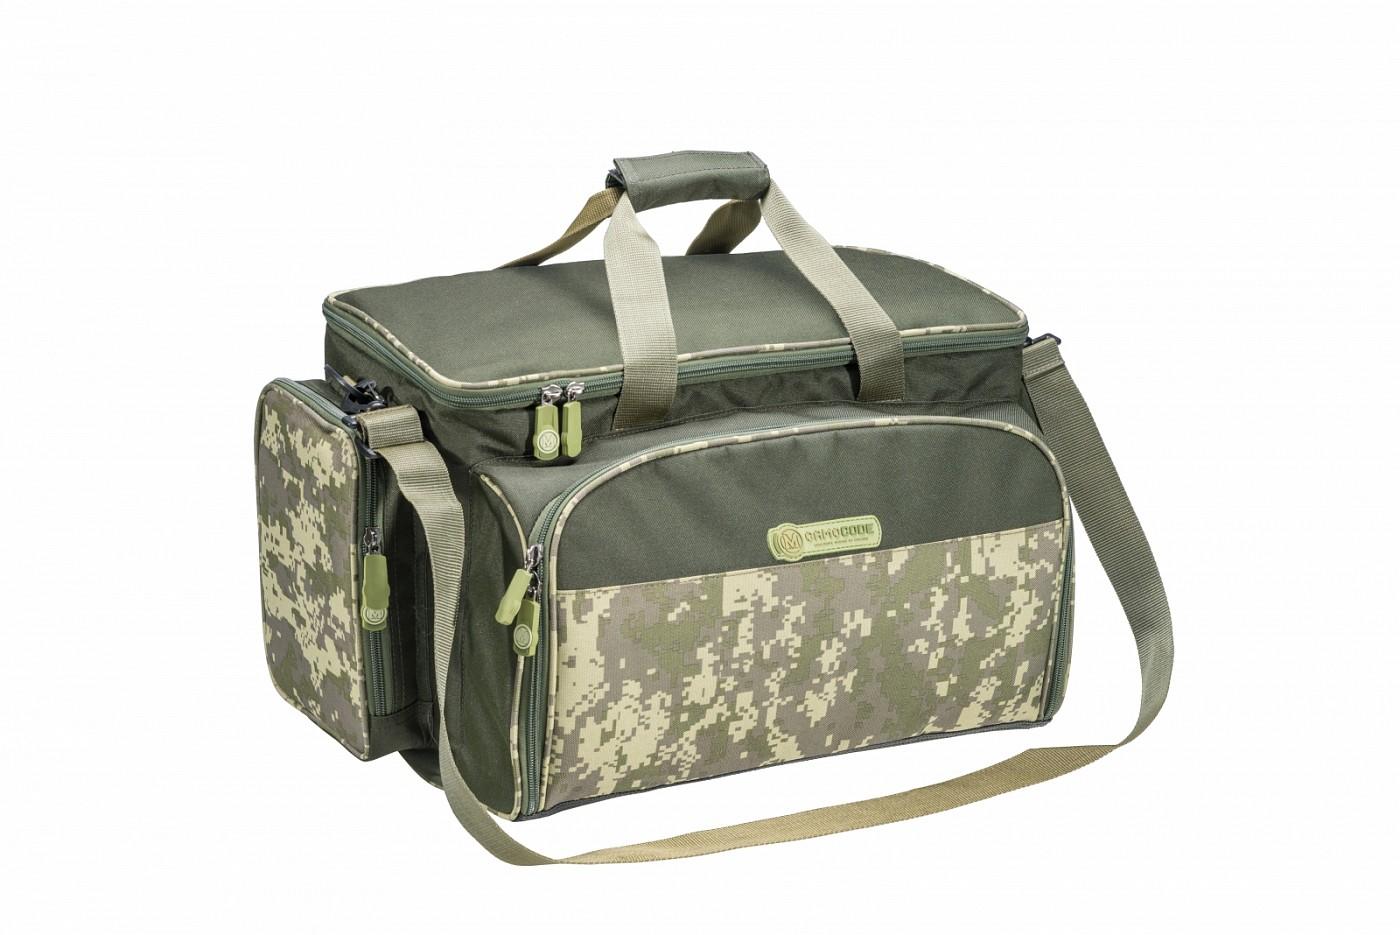 b582082ed79 kaprárske tašky - Rybárske potreby RYBA